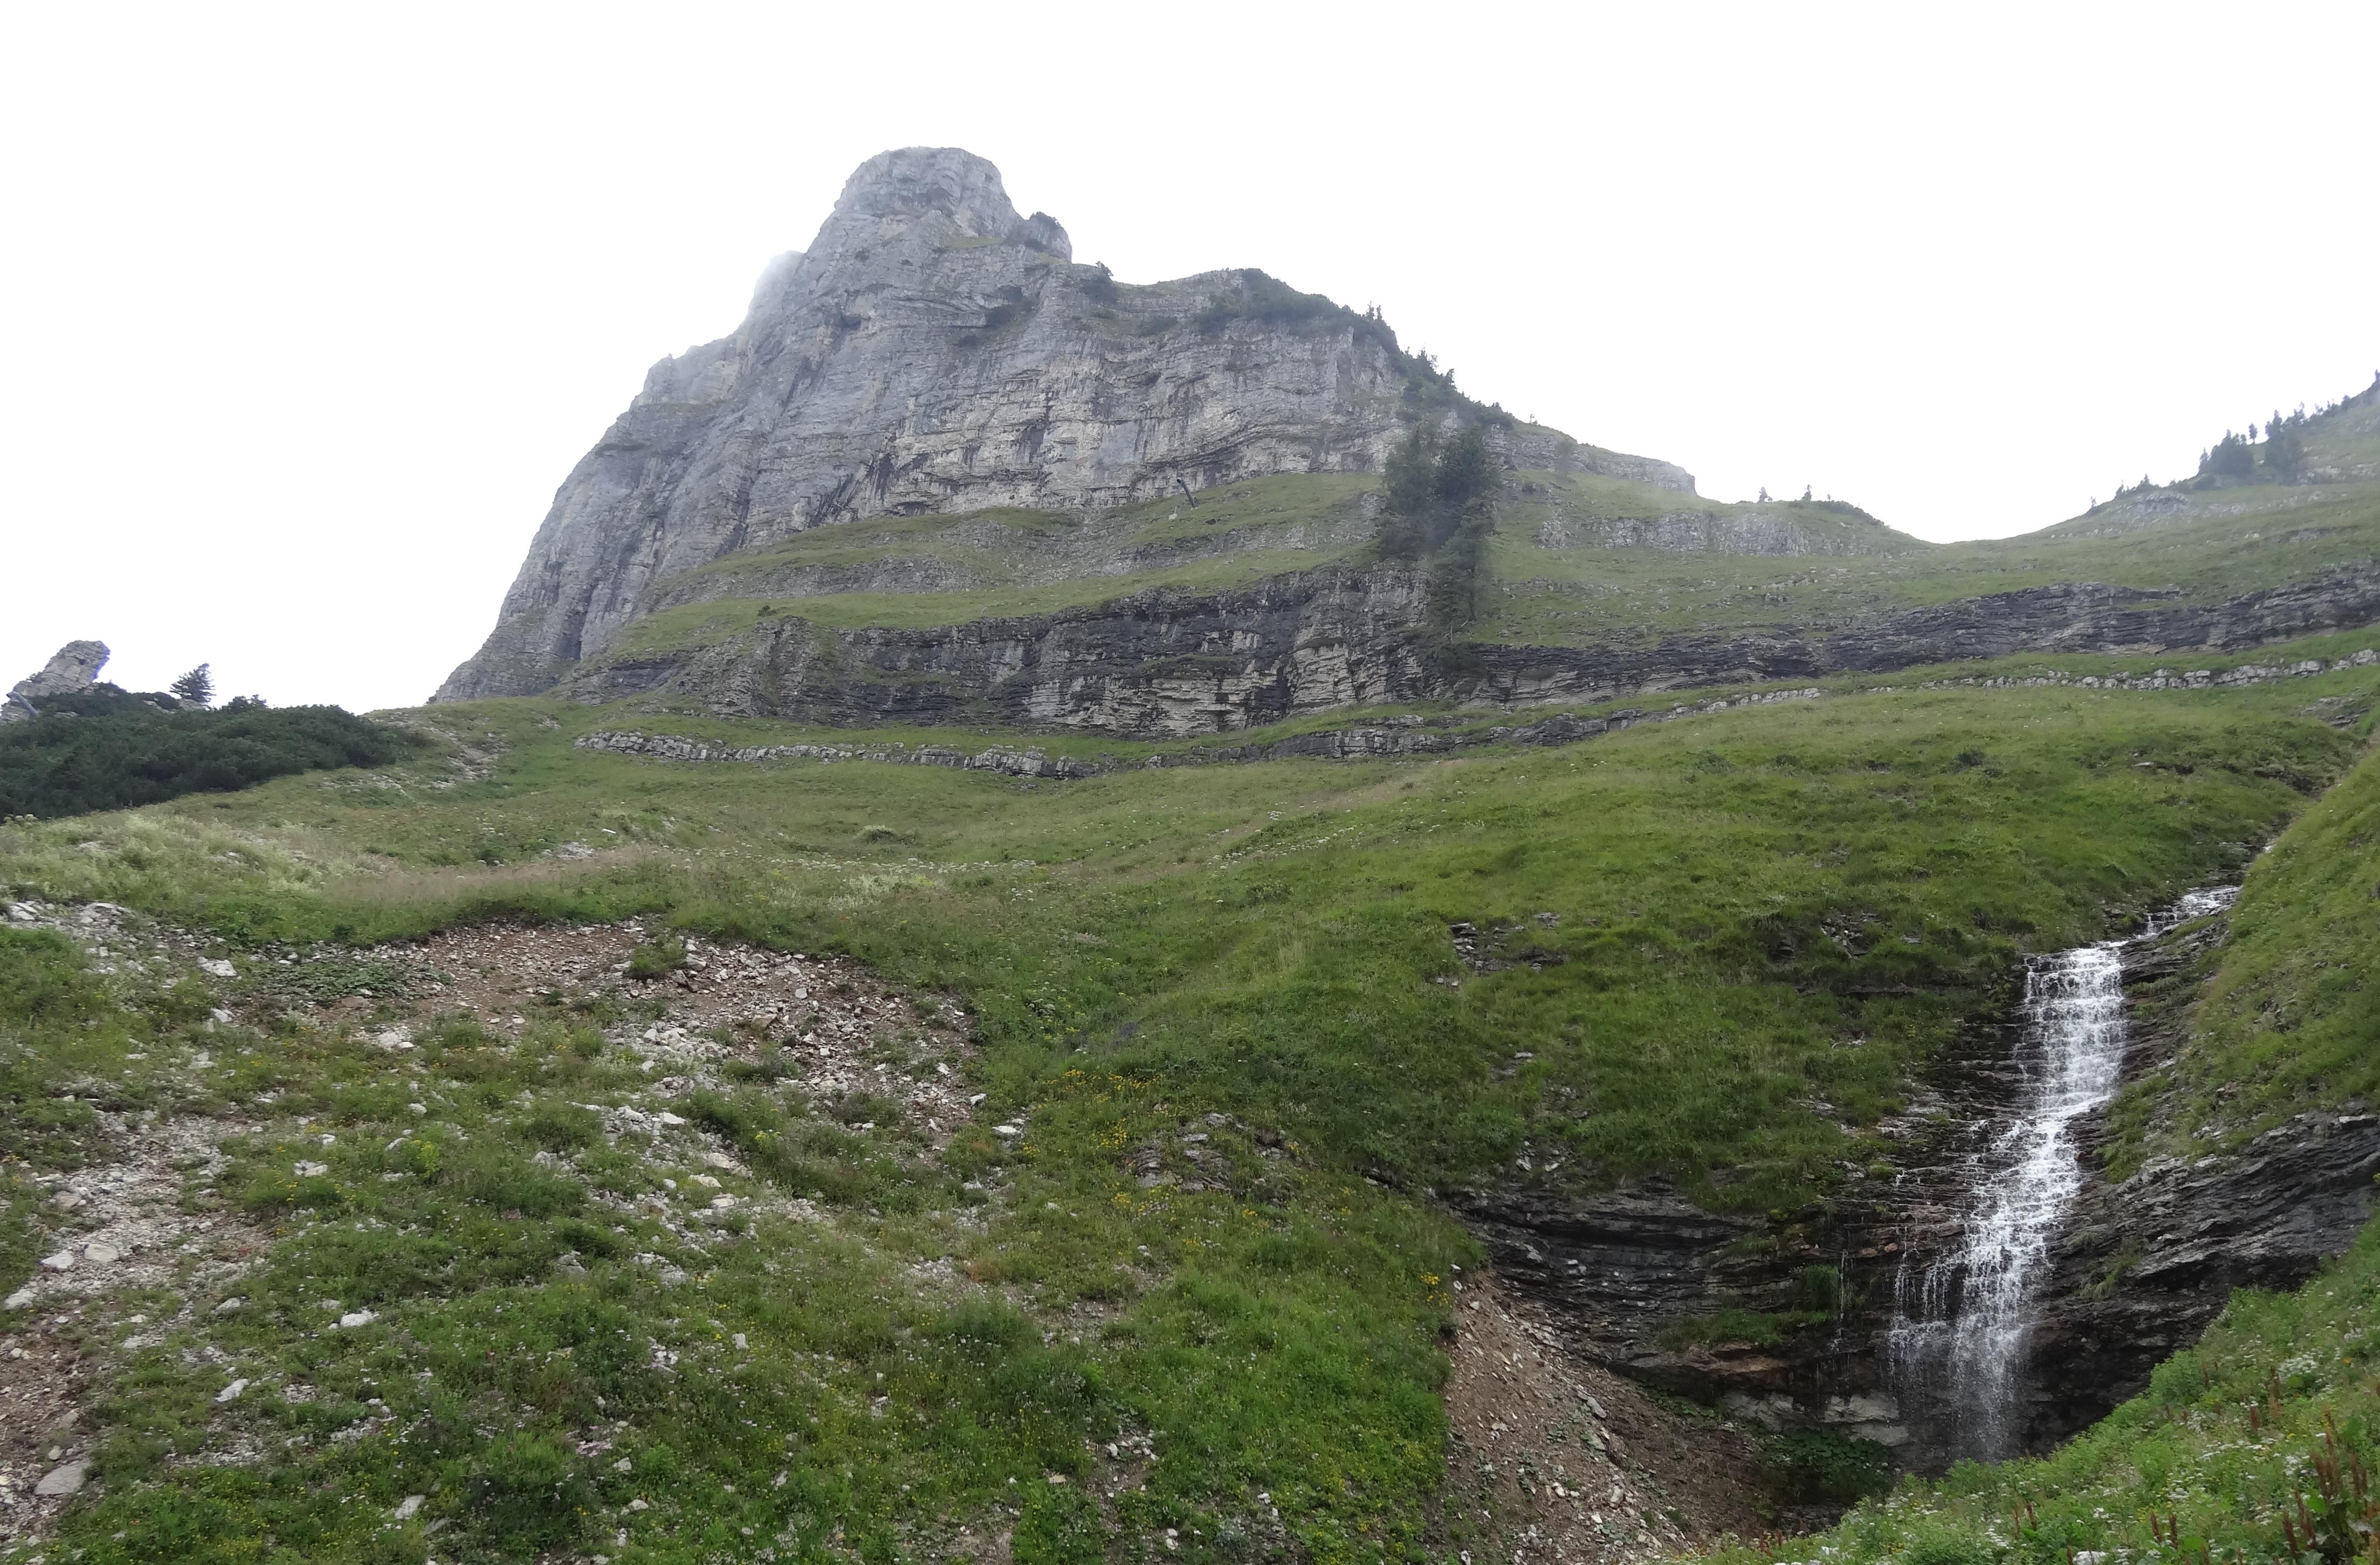 Klettersteig Loser : Klettersteig wandergebiet loser sport oesterreich at